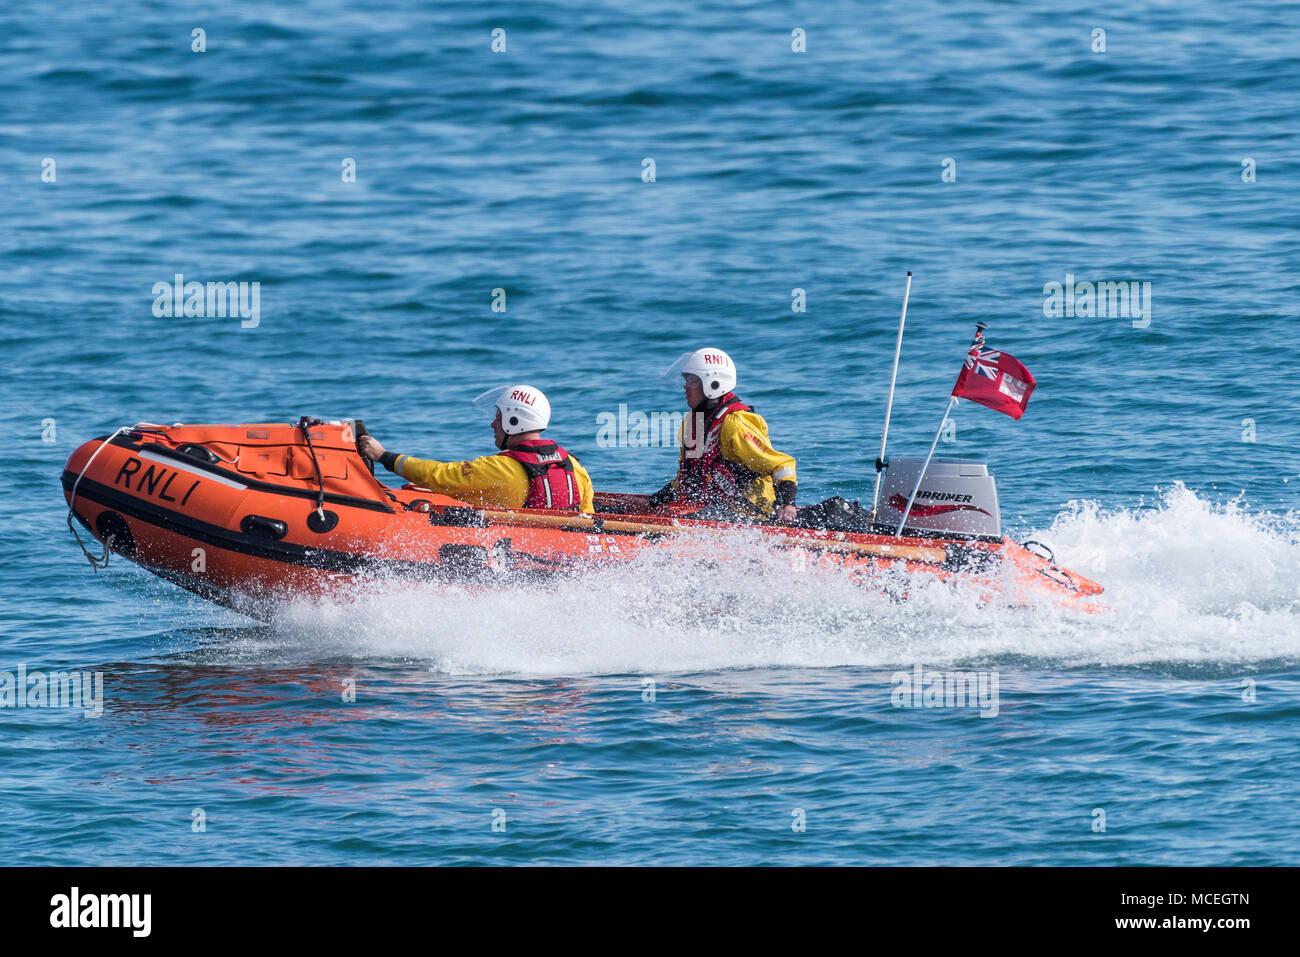 La costiera di Newquay mezzo di salvataggio e il suo equipaggio di volontari che partecipano a un GMICE (buona medicina in ambienti impegnativi) incidente grave esercizio i Immagini Stock